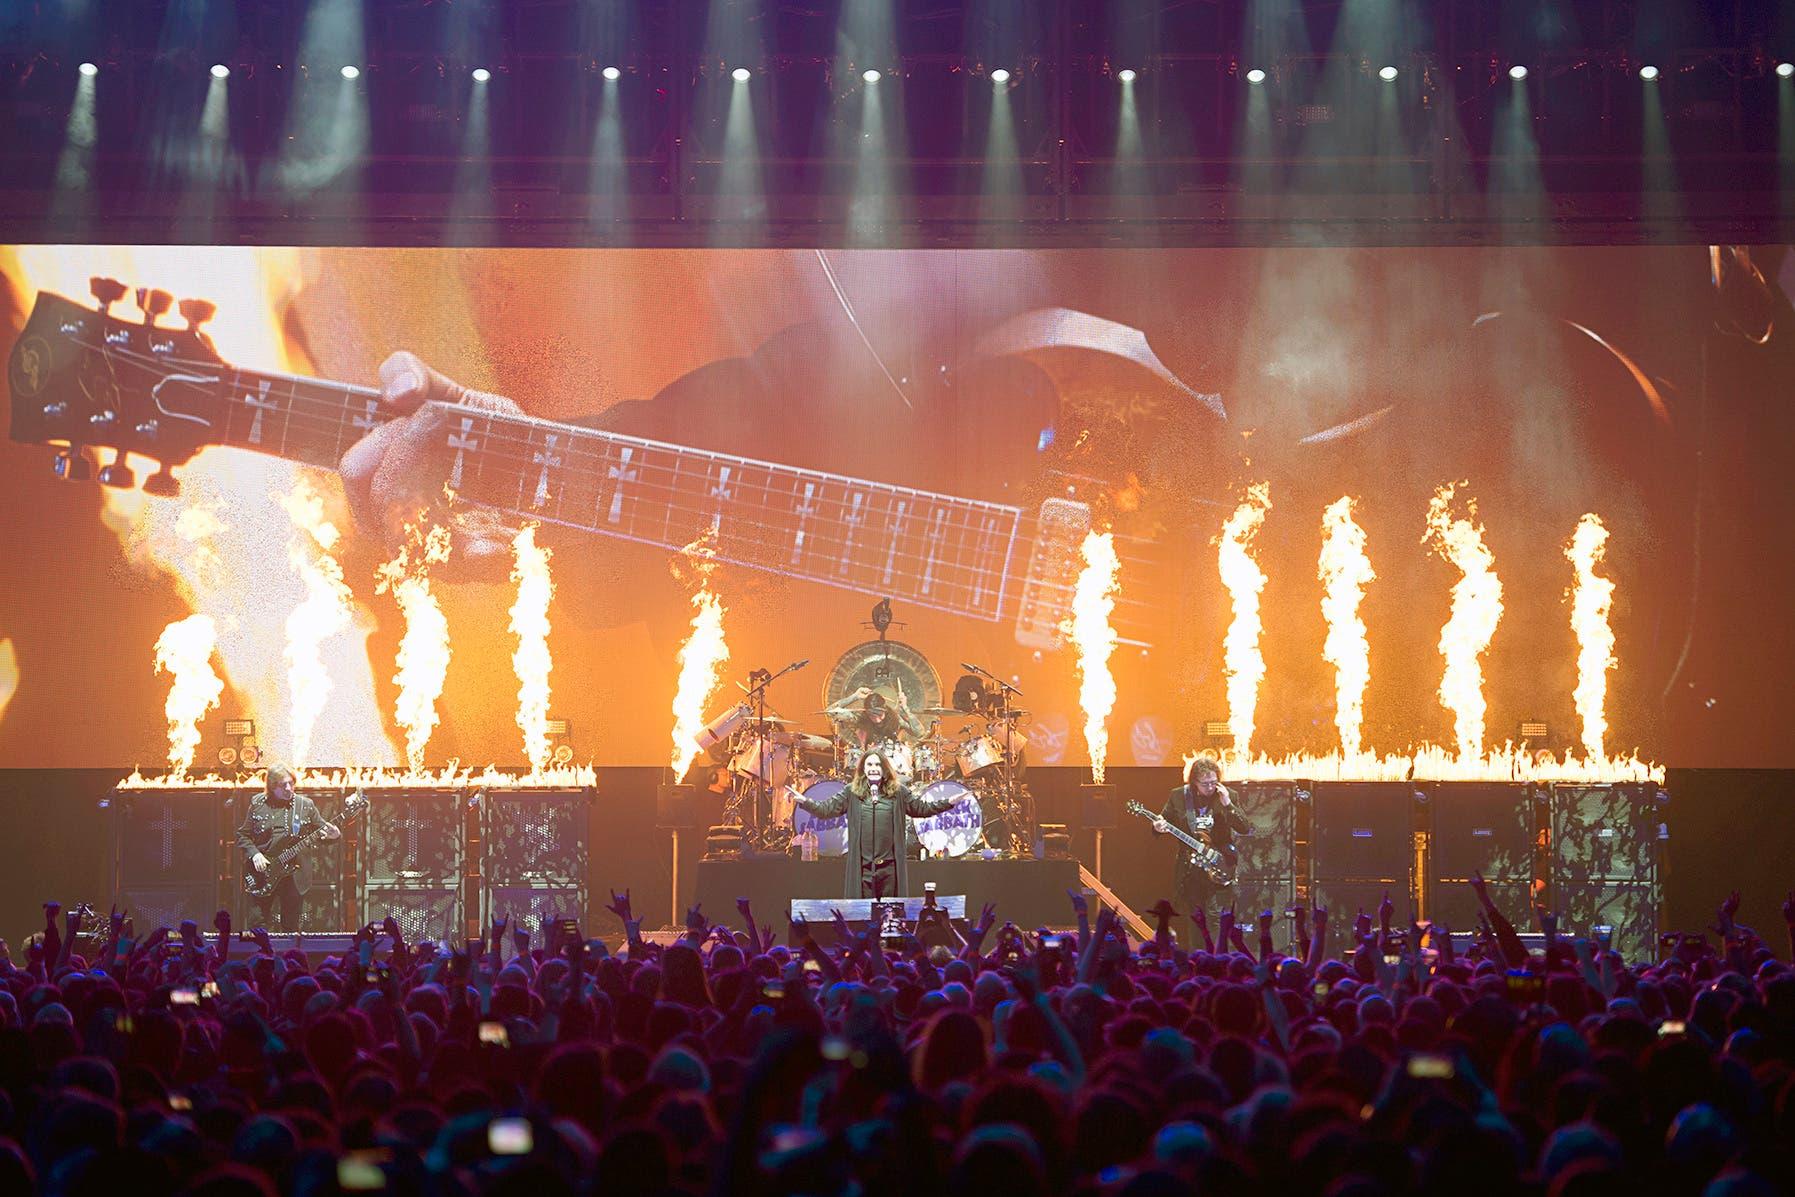 Die Abschiedstour von Black Sabbath endete im Frühjahr 2017 in Birmingham, der Heimatstadt der Bandmitglieder.